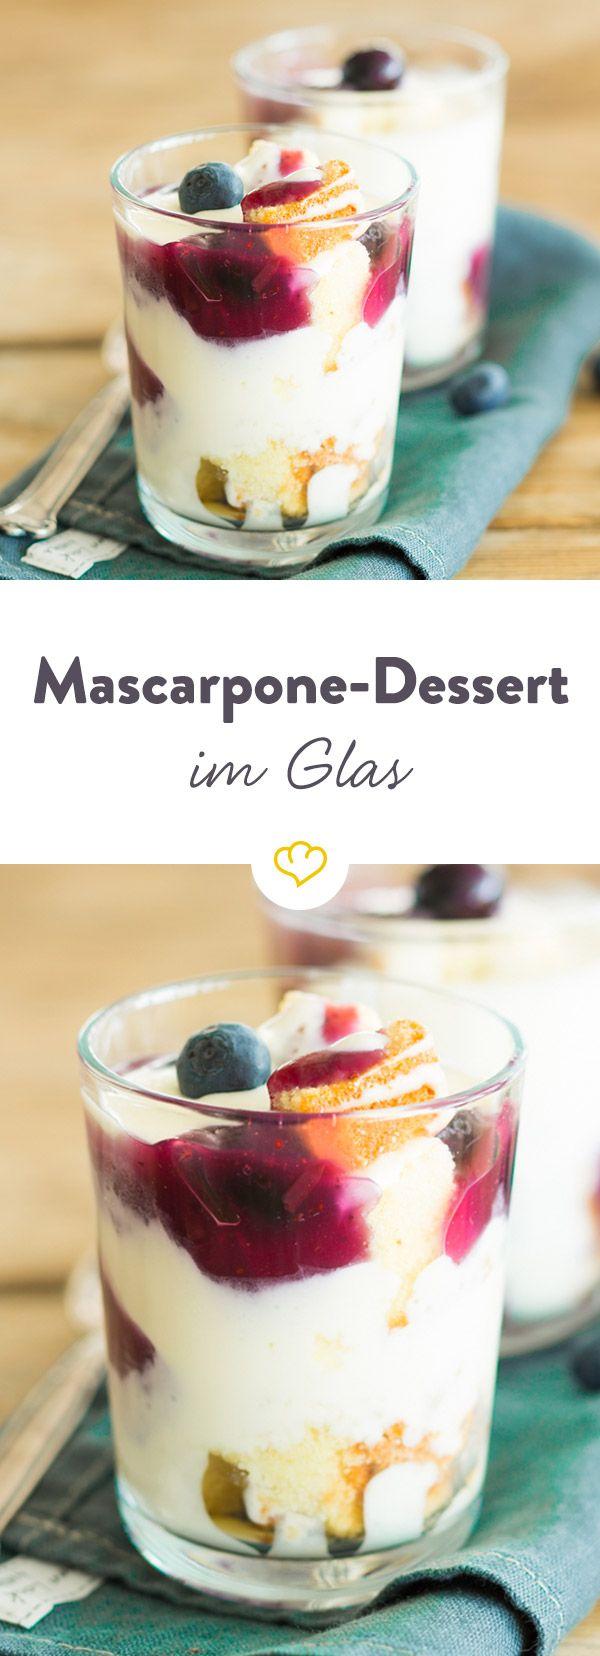 343 besten kochen dessert im glas bilder auf pinterest nachspeisen partybuffet und tiramisu. Black Bedroom Furniture Sets. Home Design Ideas